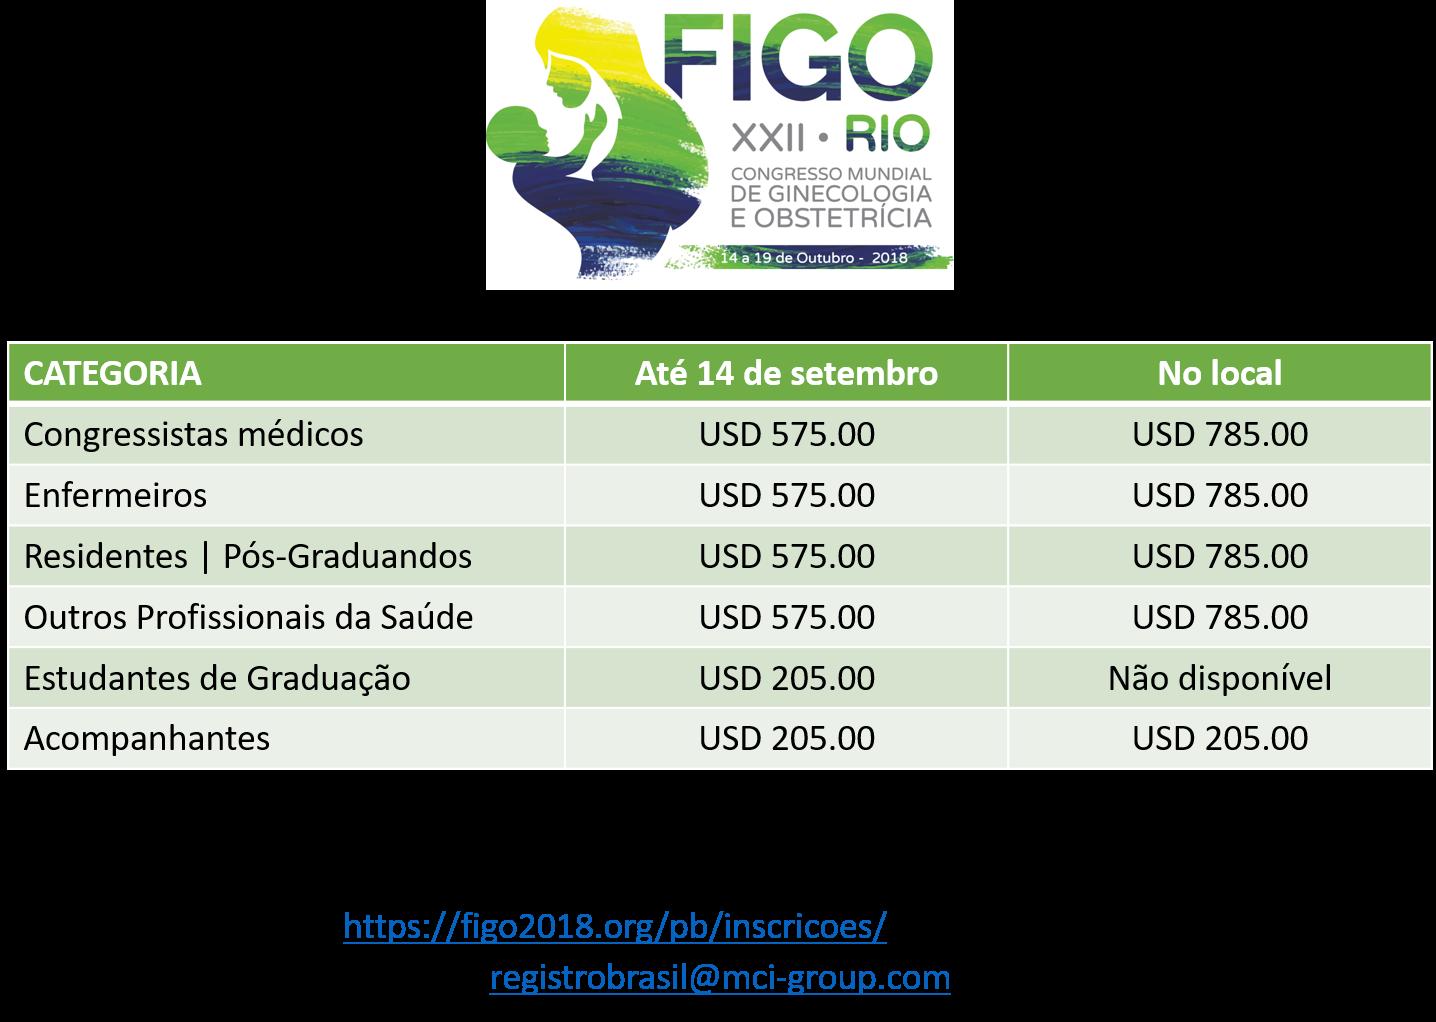 1513785704_Figo-2018-14-a-19-10-1